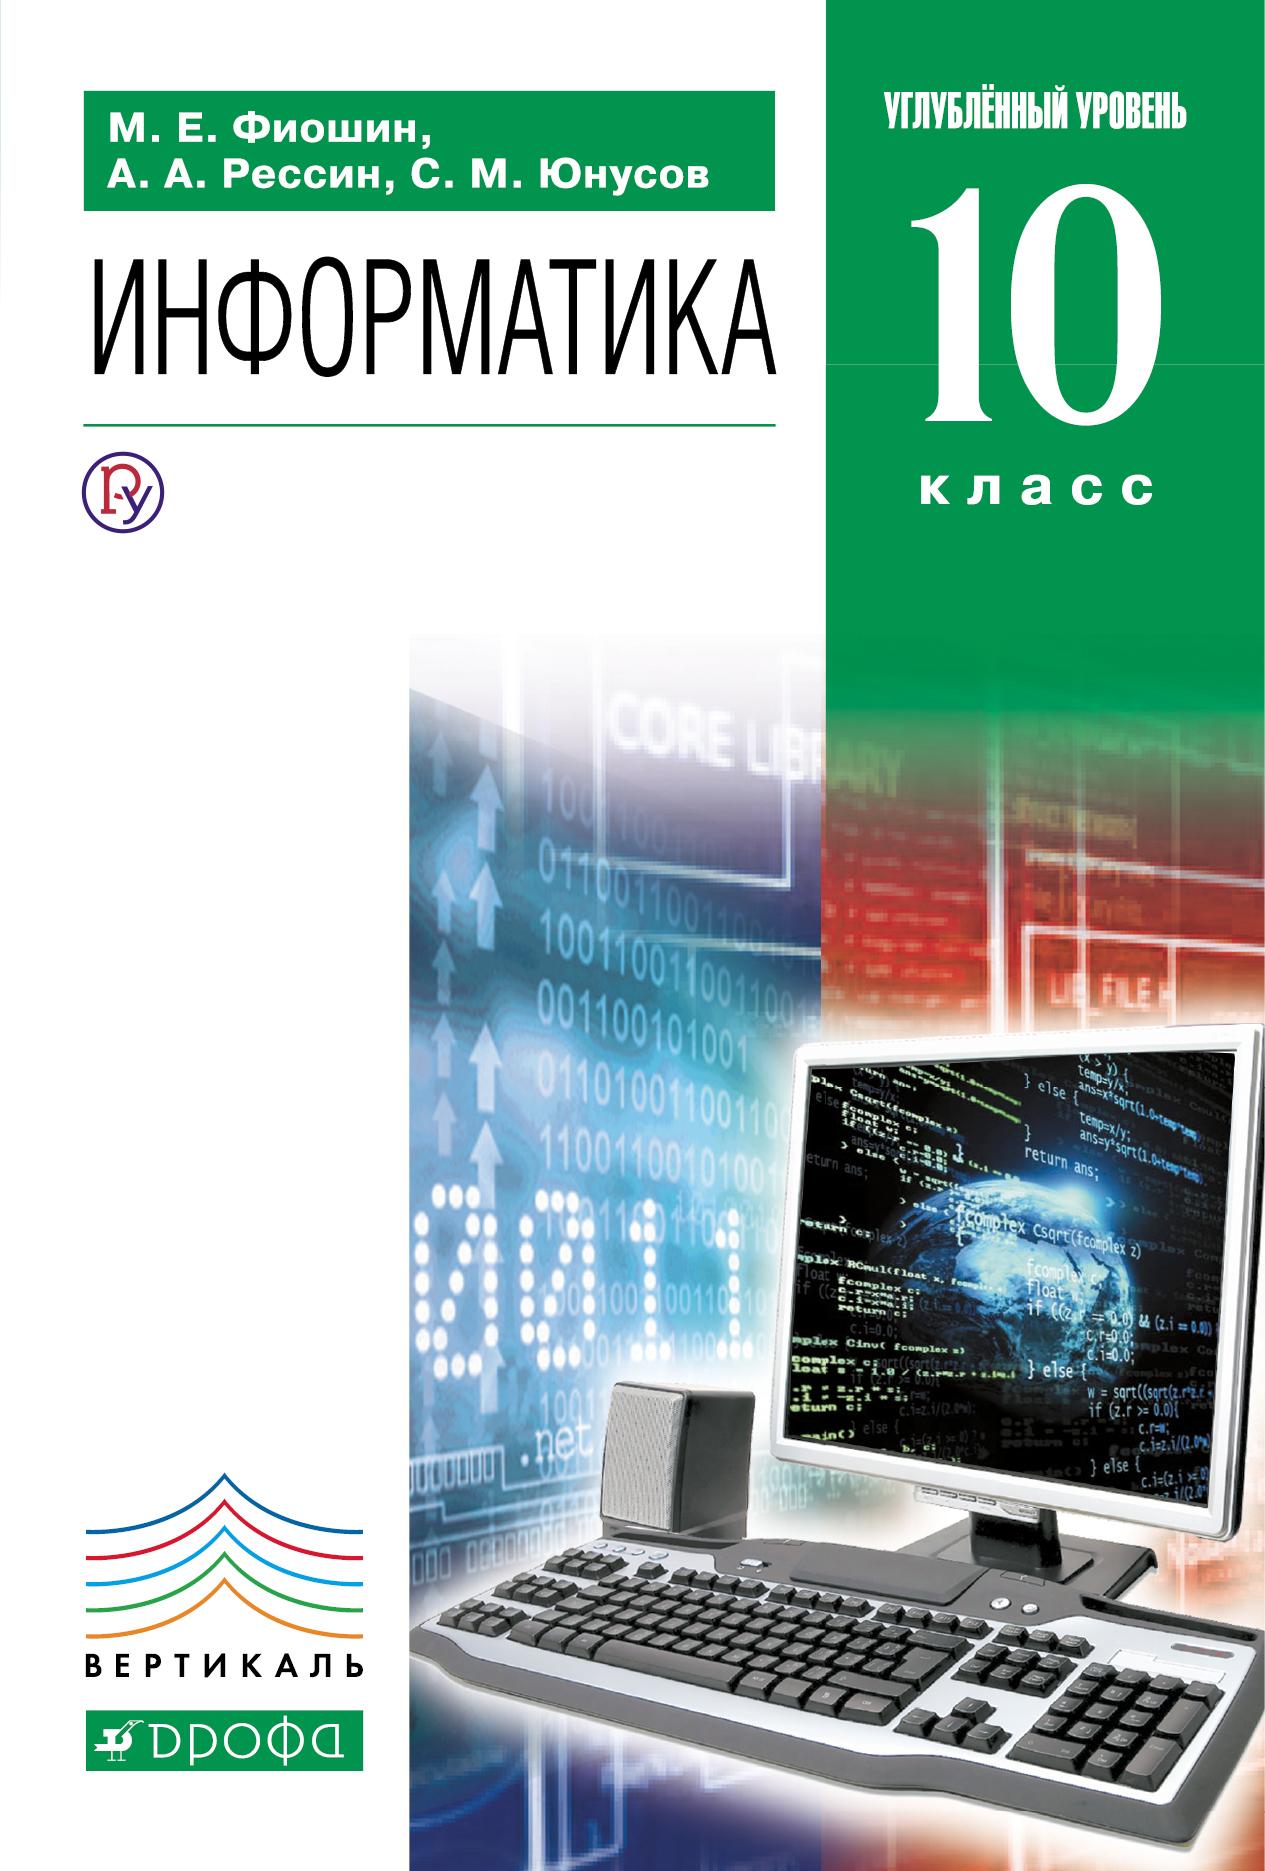 Фиошин М.Е., Рессин А.А., Юнусов С.М. Информатика и ИКТ. 10 класс. Углубленный уровень. Учебник информатика и икт 11 класс учебник базовый уровень